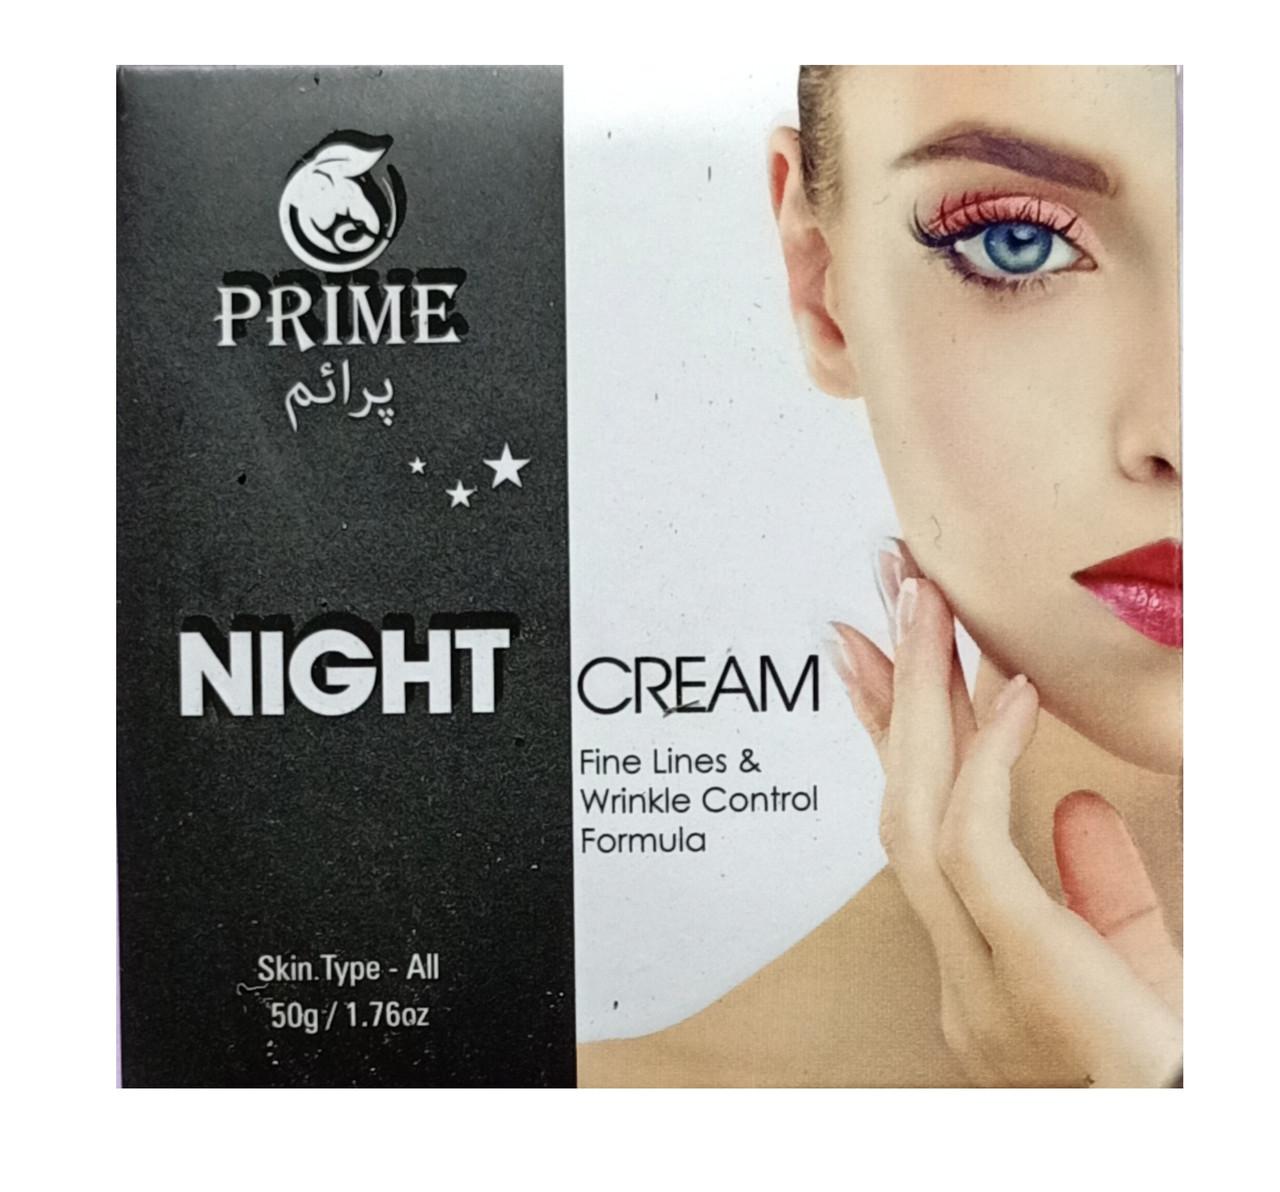 PRIME NIGHT CREAM Ночной крем для лица. Формула контроля морщин